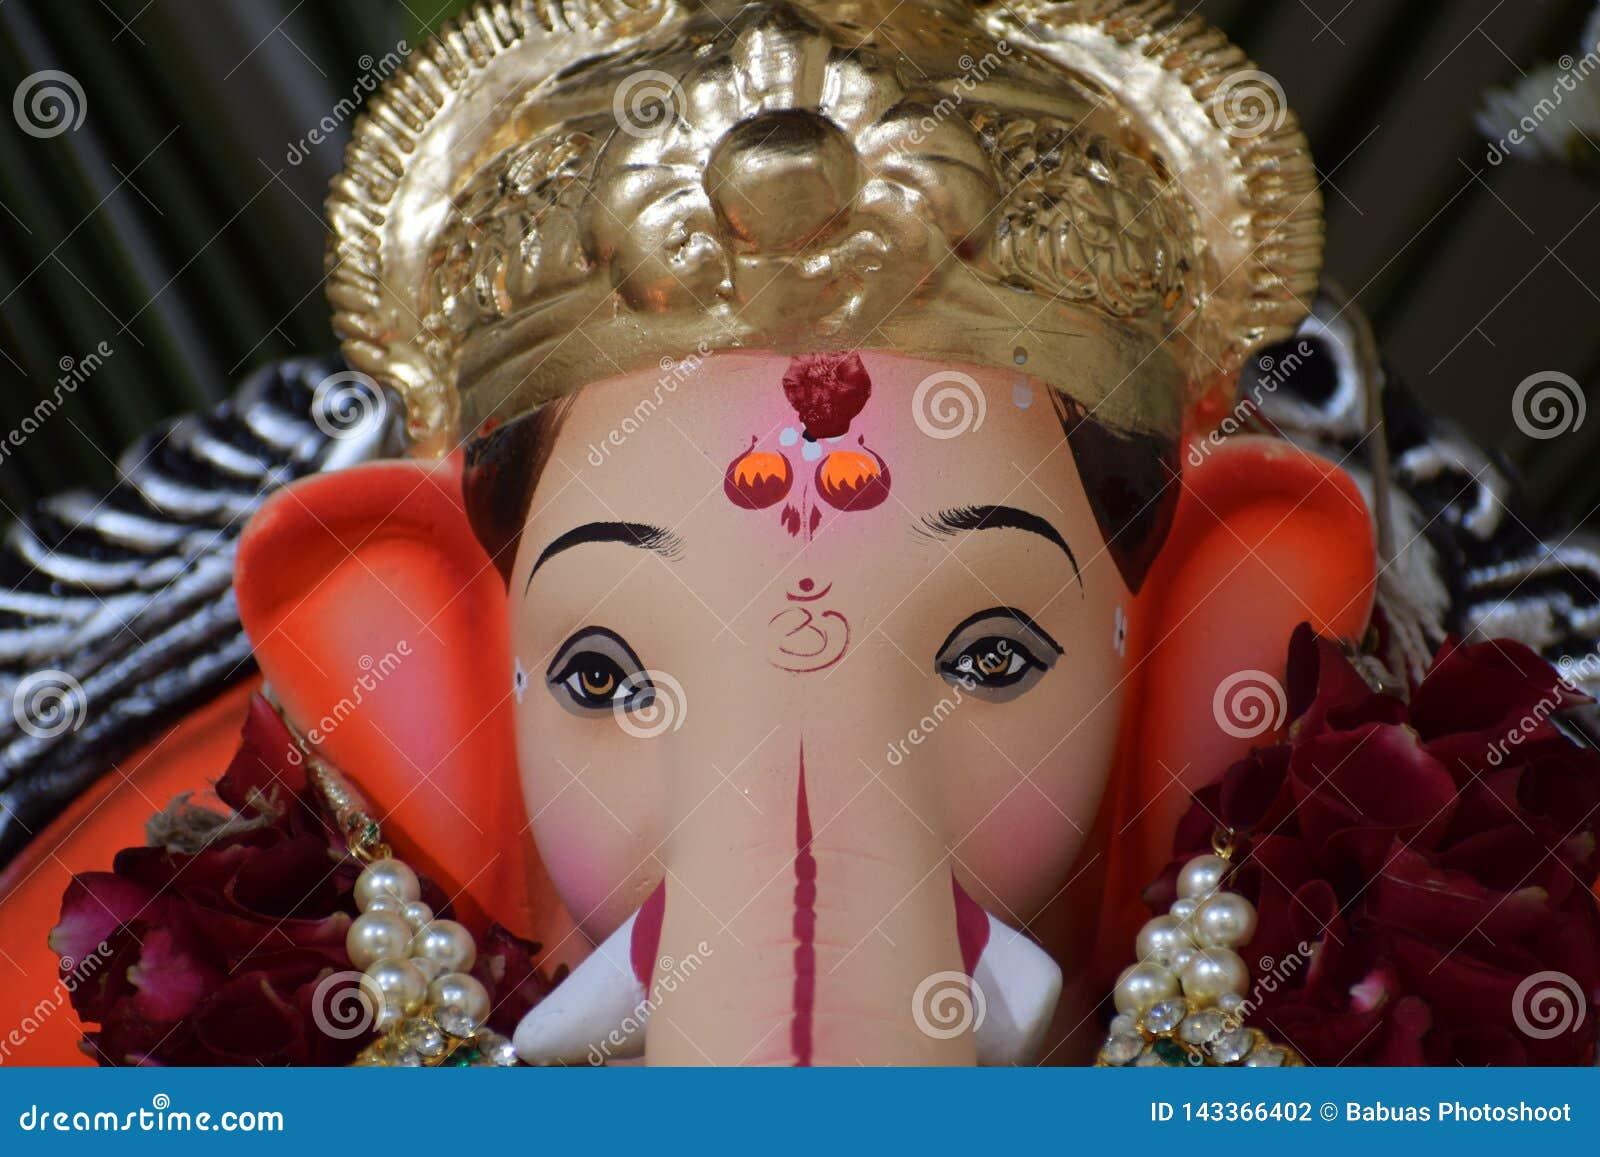 Władyka Ganesh z jego koroną podczas Ganesh Puja świętowania